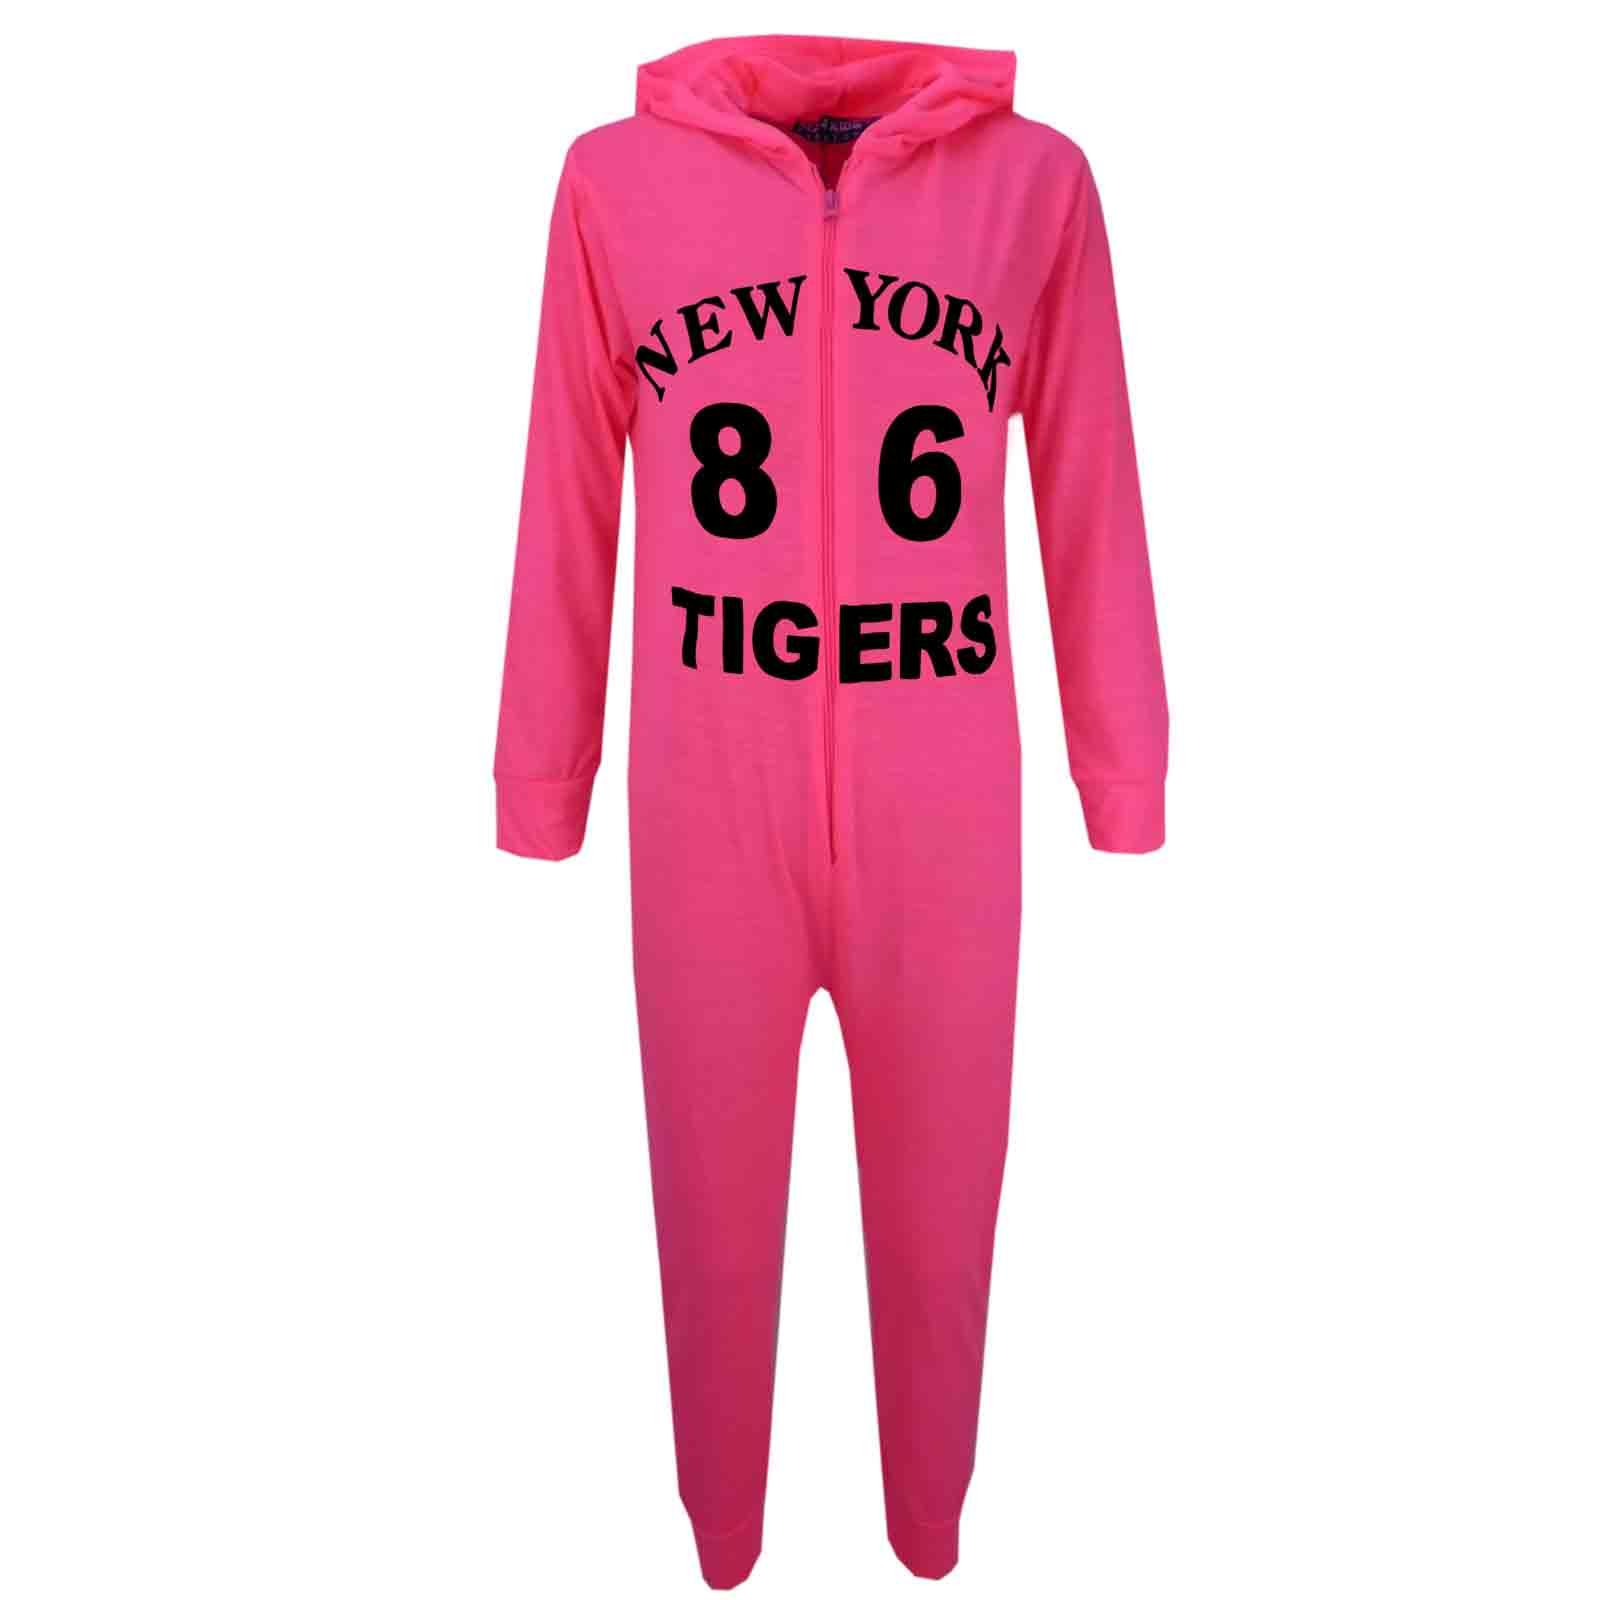 girls boys onesie kids new york 86 tigers onesies all in